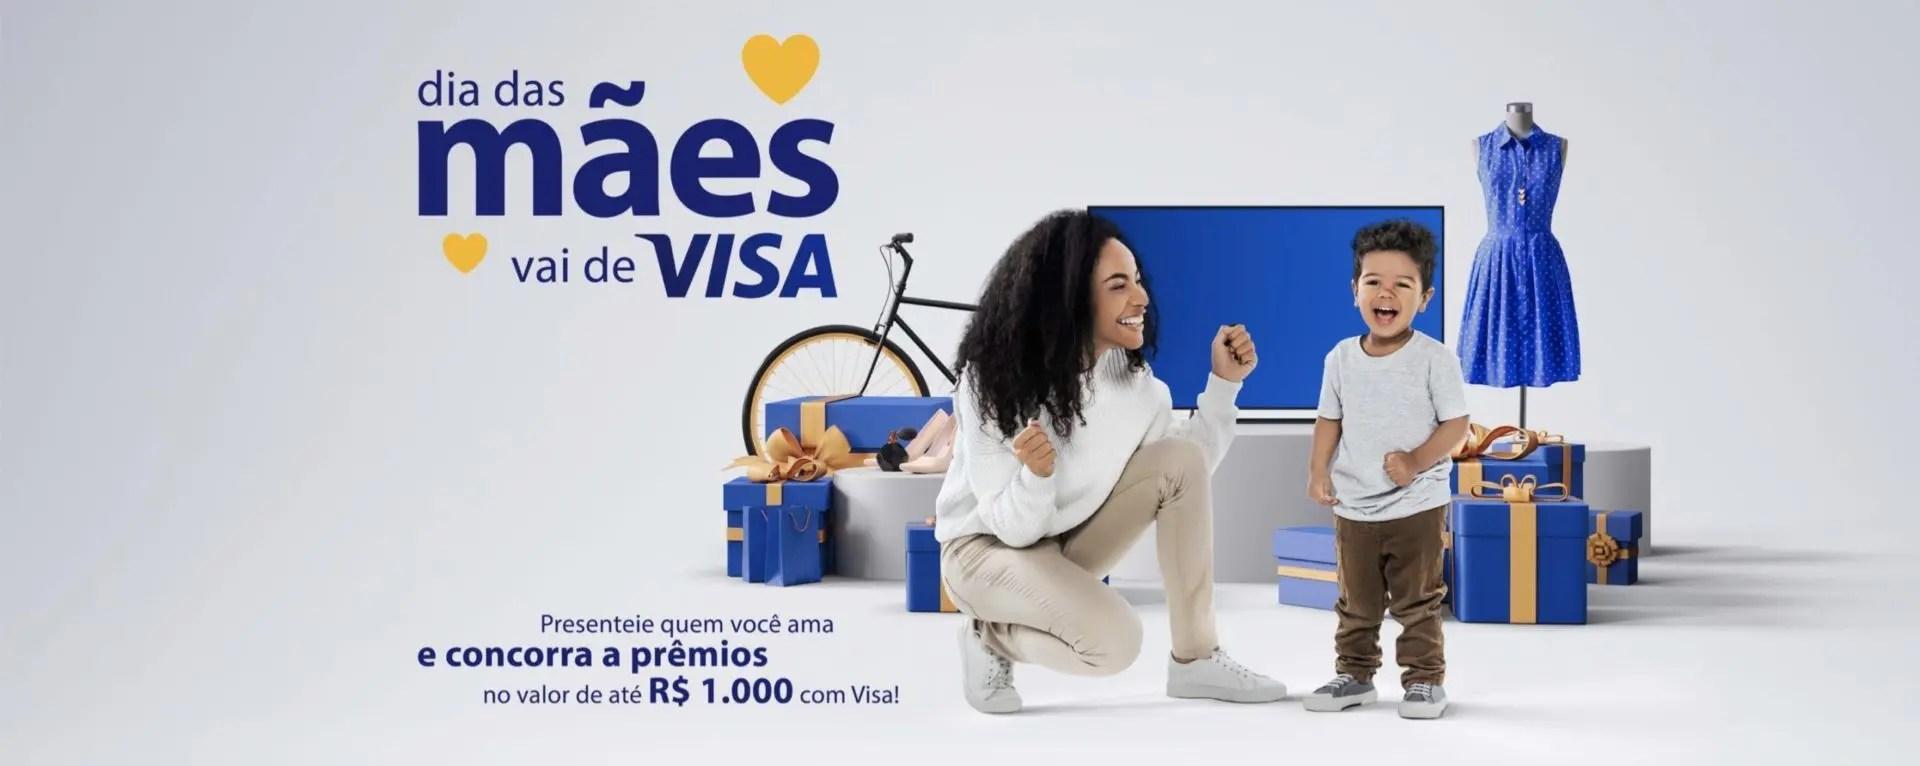 Vai de Visa promoção